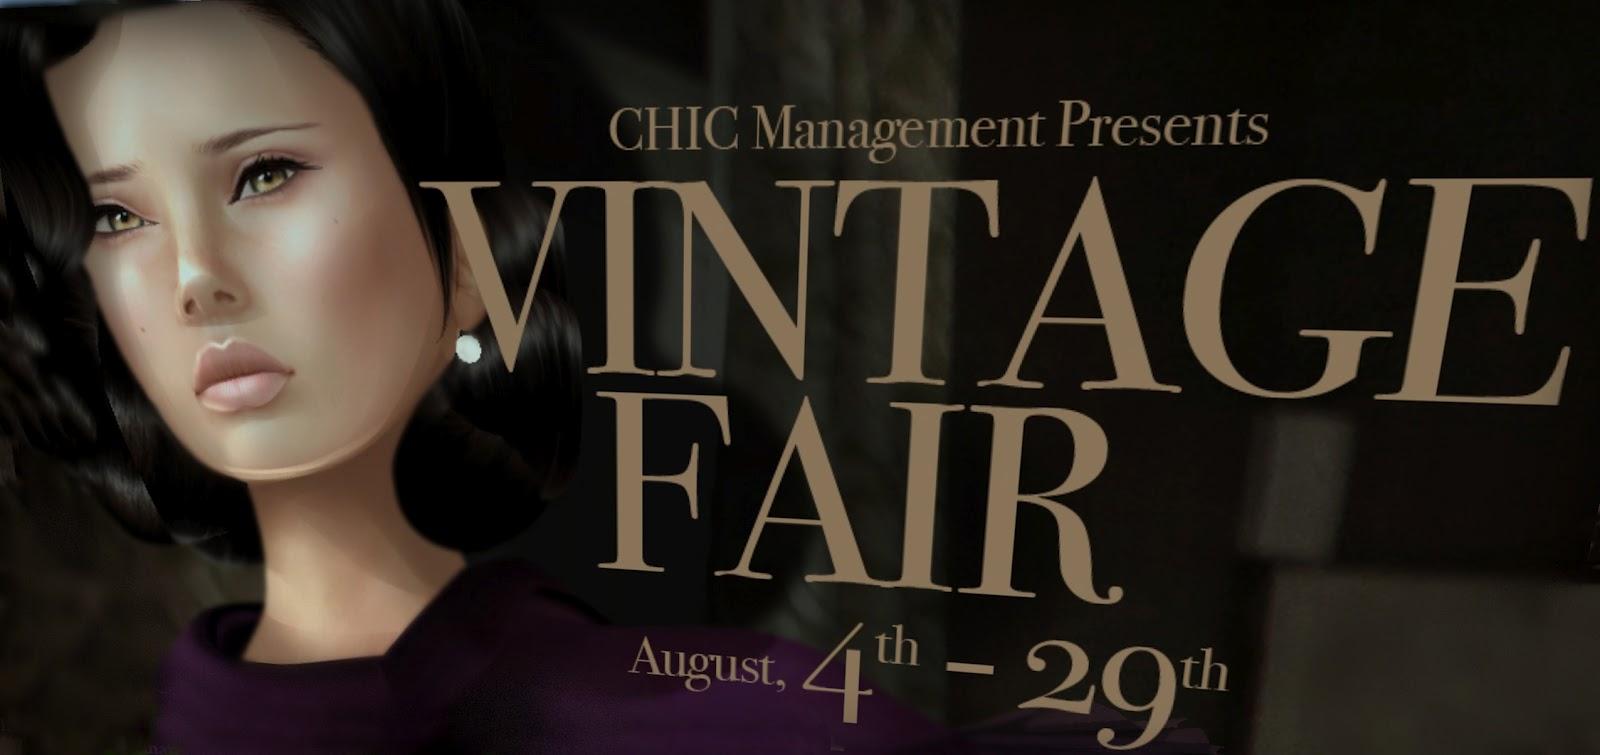 1c8c5c1c9f7 The Vintage Fair 2012 Aug. 4-29th